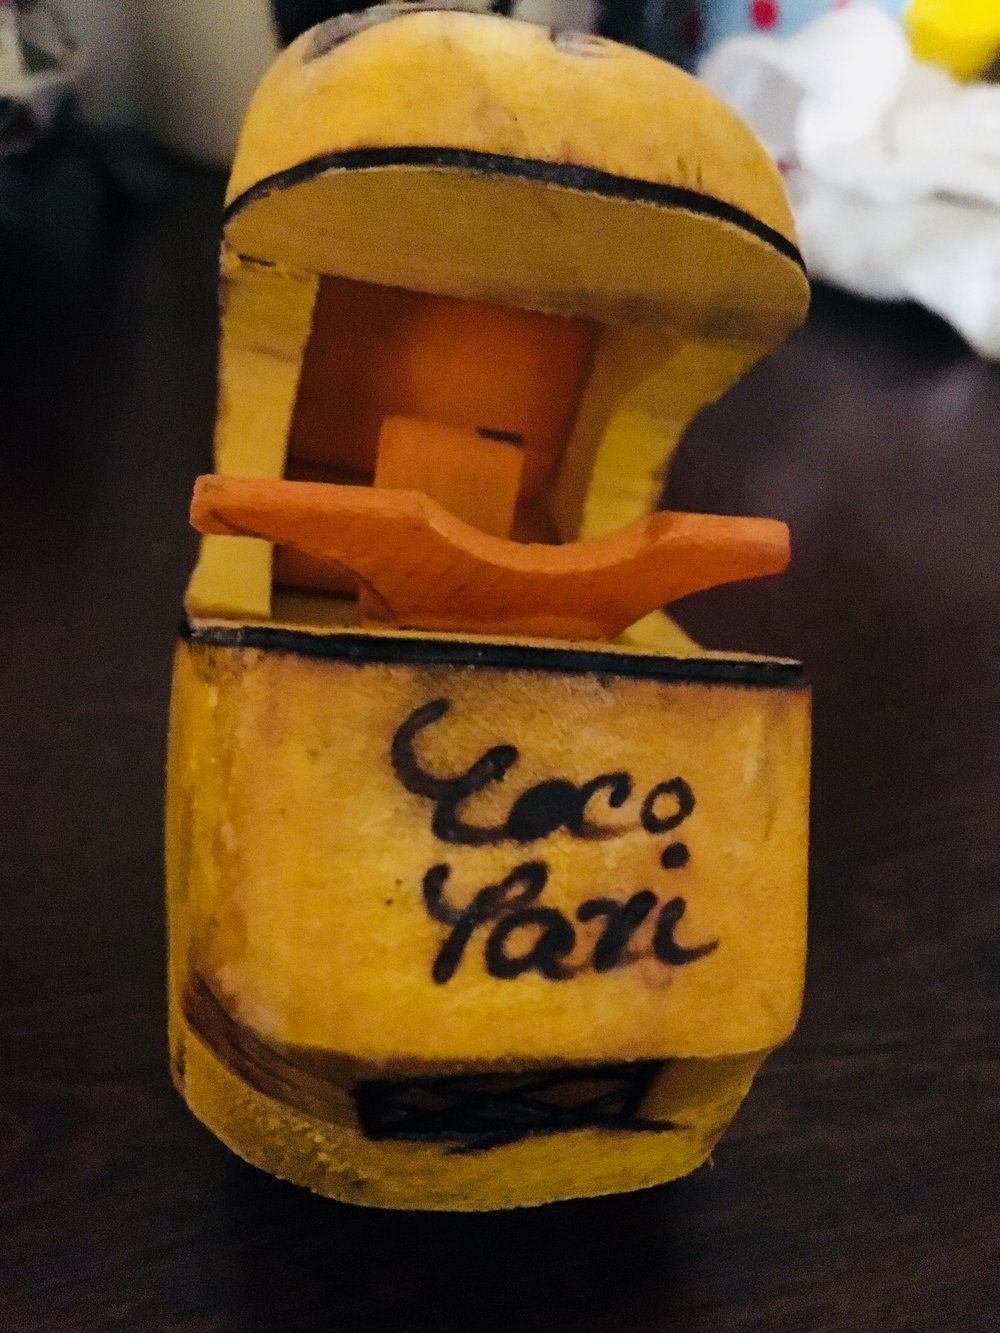 Souvenir Coco Taxi